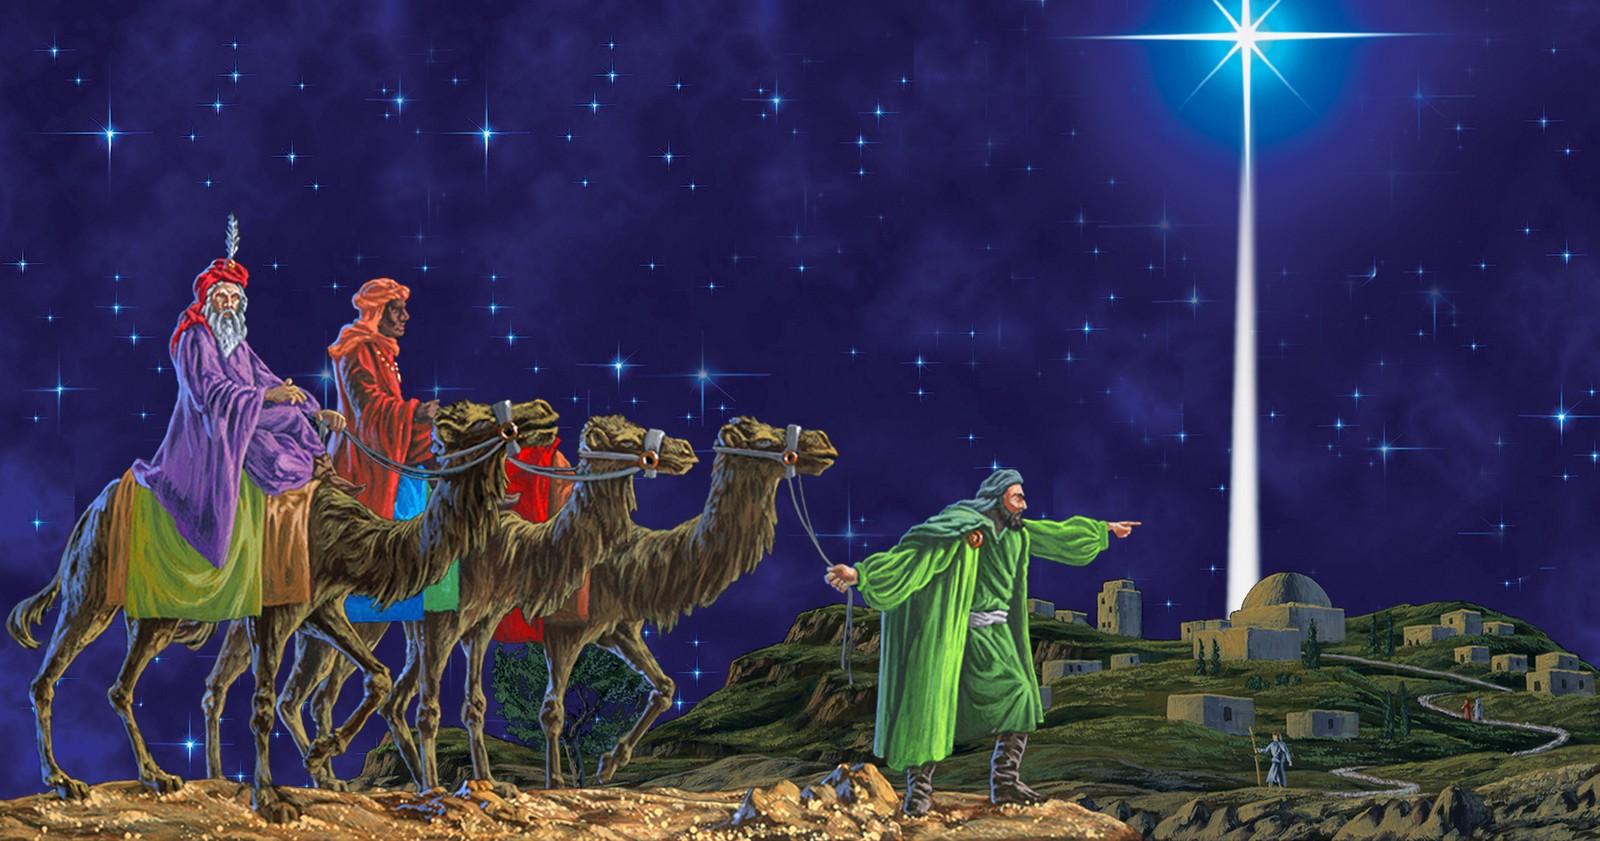 ¡Impresionante! en el 2017 habrá un Evento Astronómico similar a la Estrella de Belén